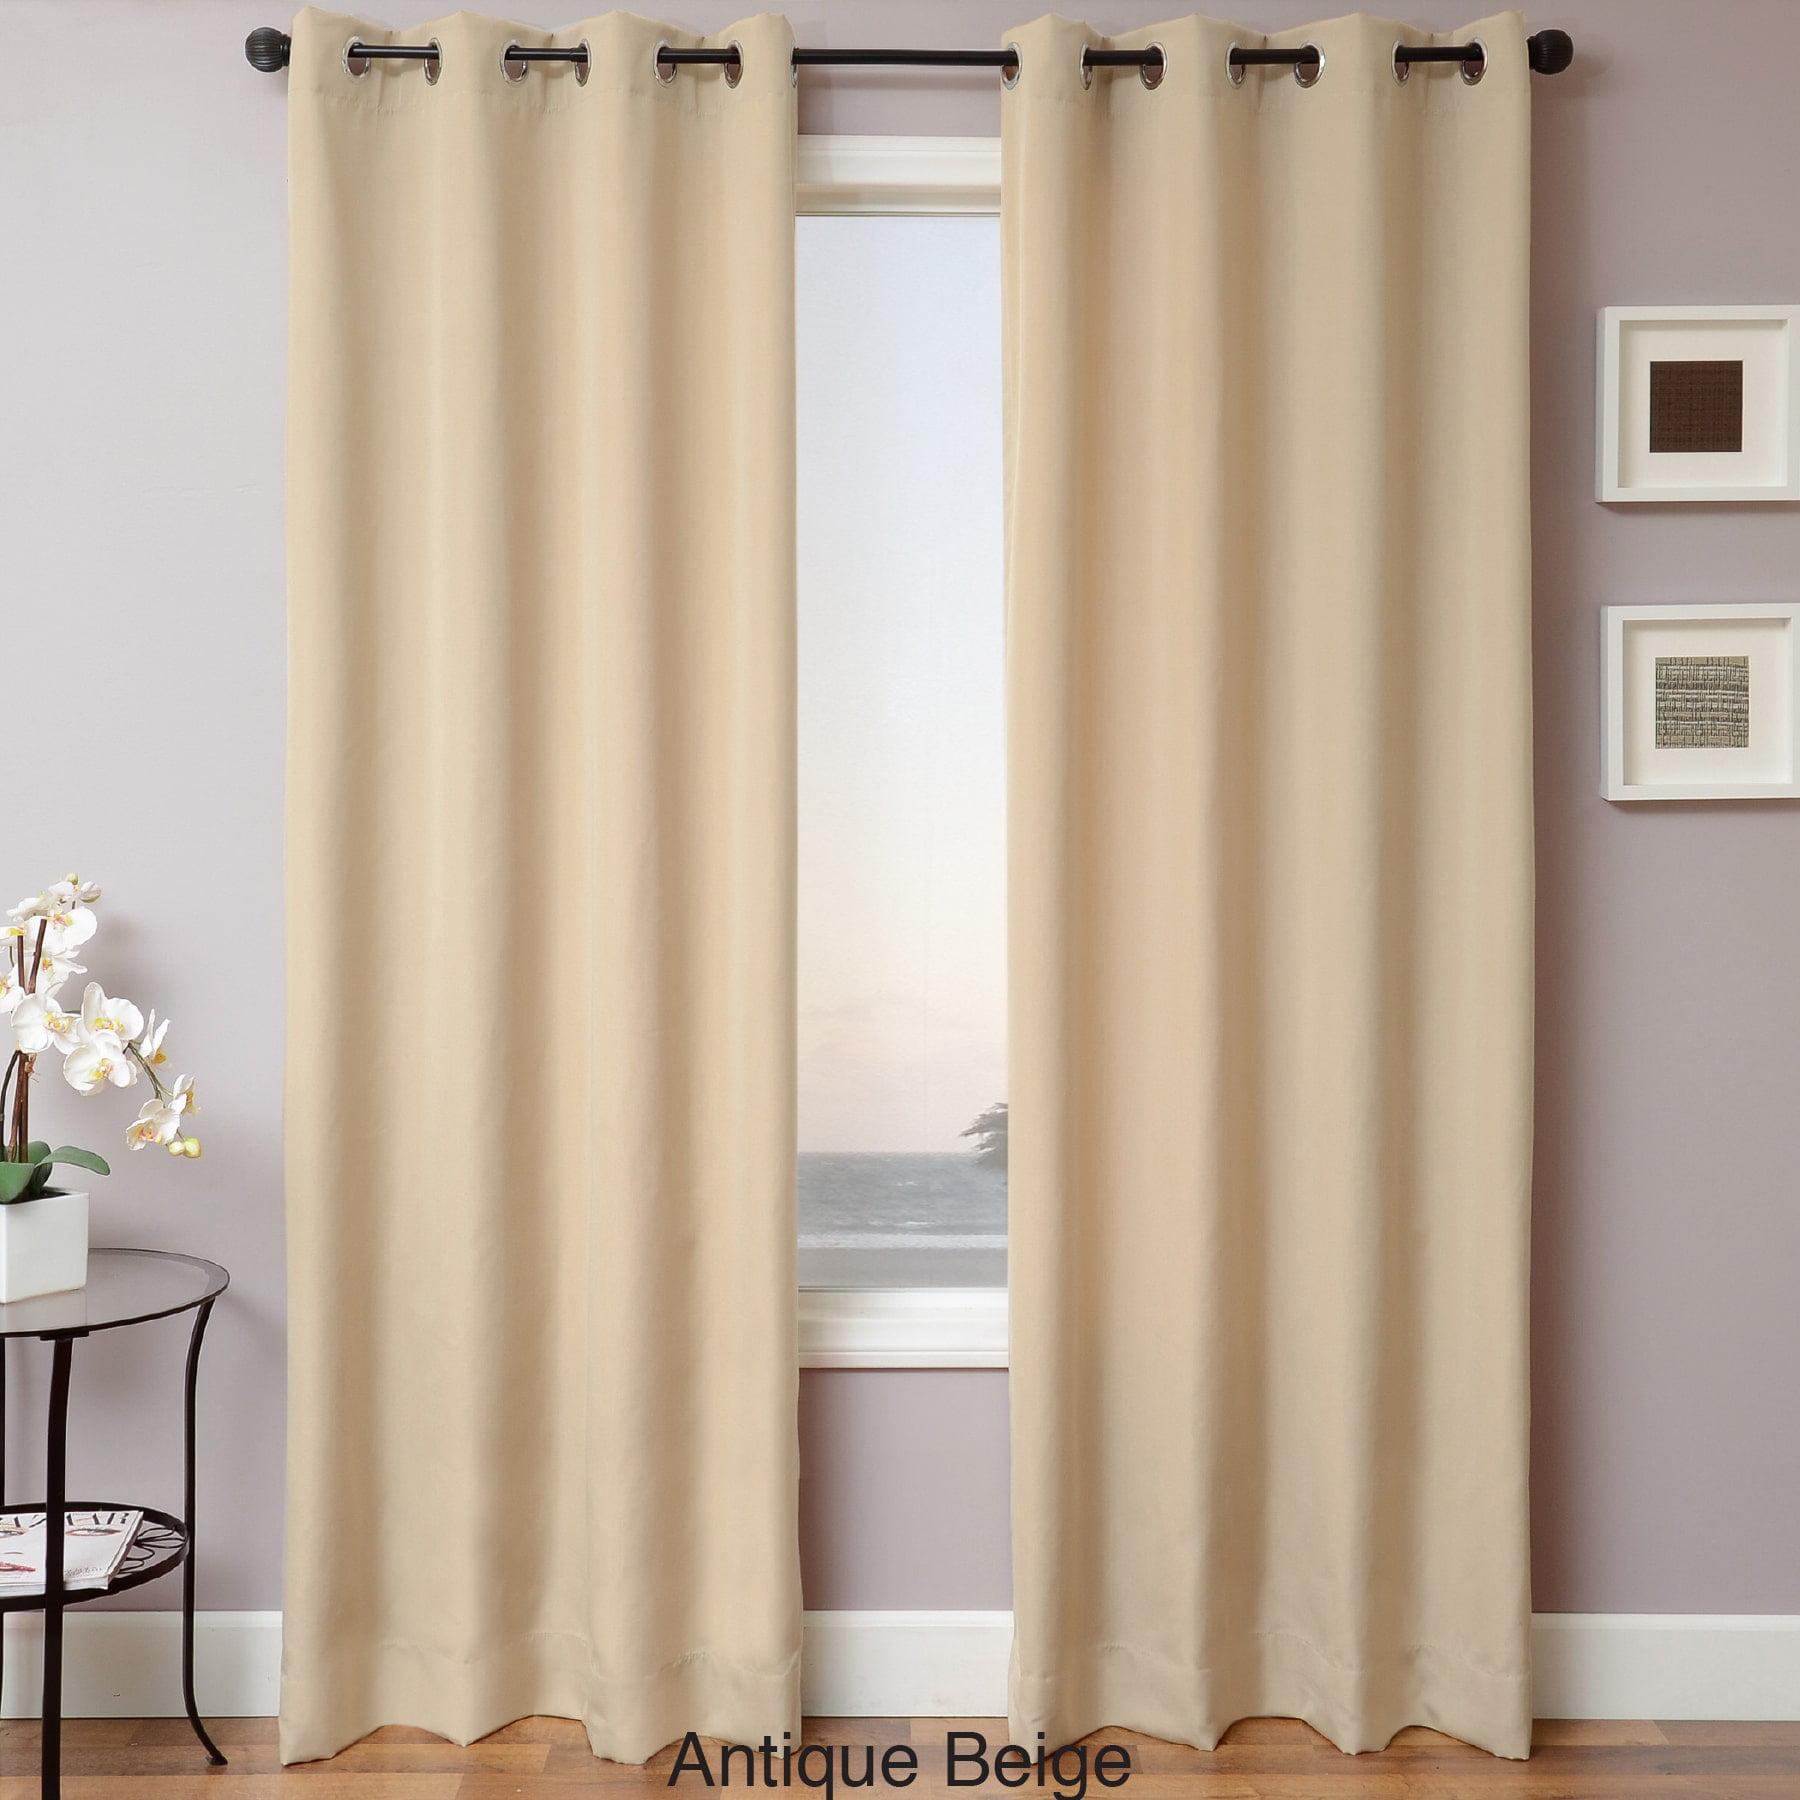 Softline  Sunbrella Indoor/Outdoor Grommet Top Curtain Panel